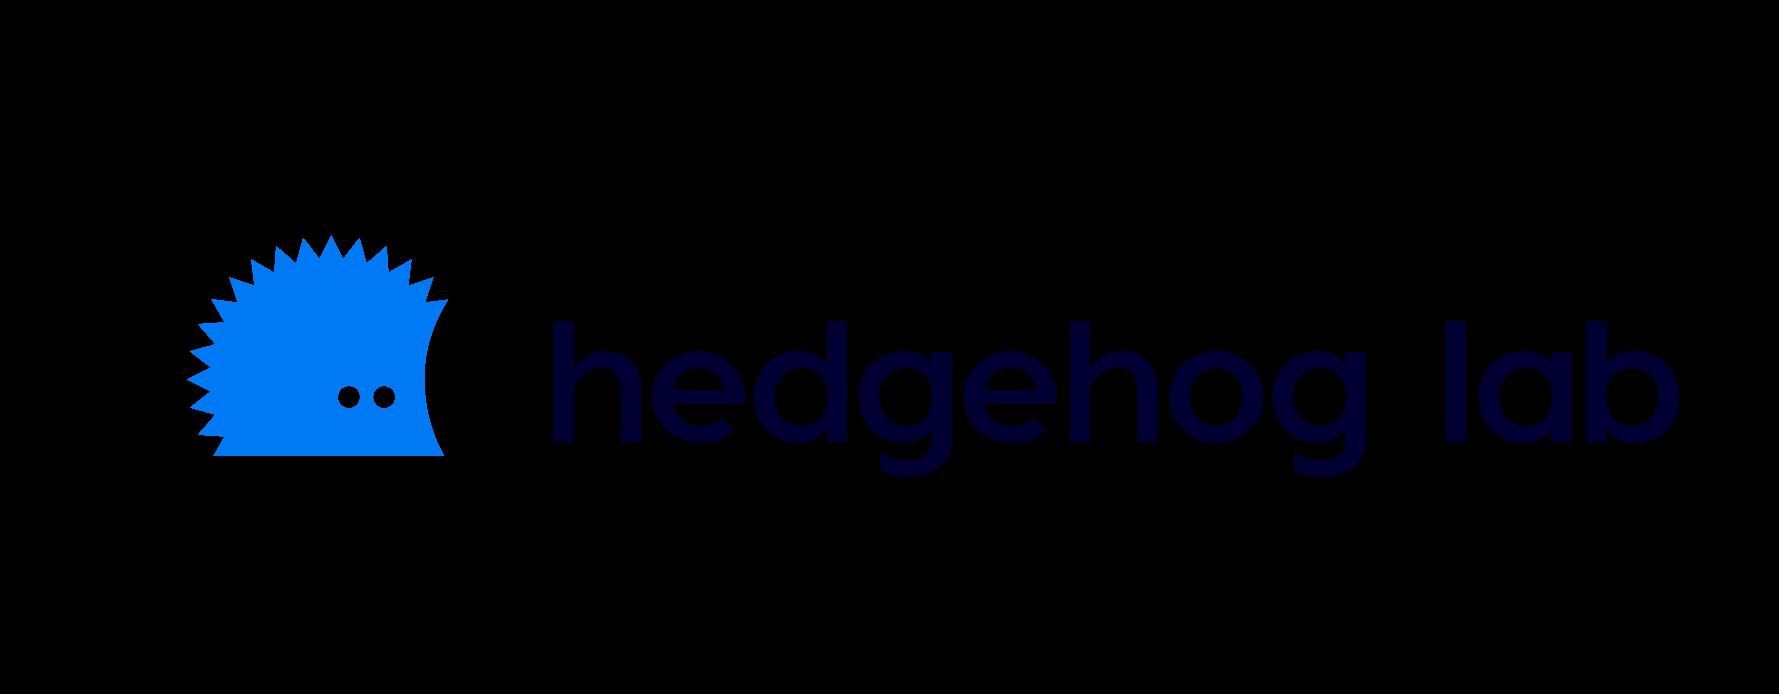 Hedgehog app design company